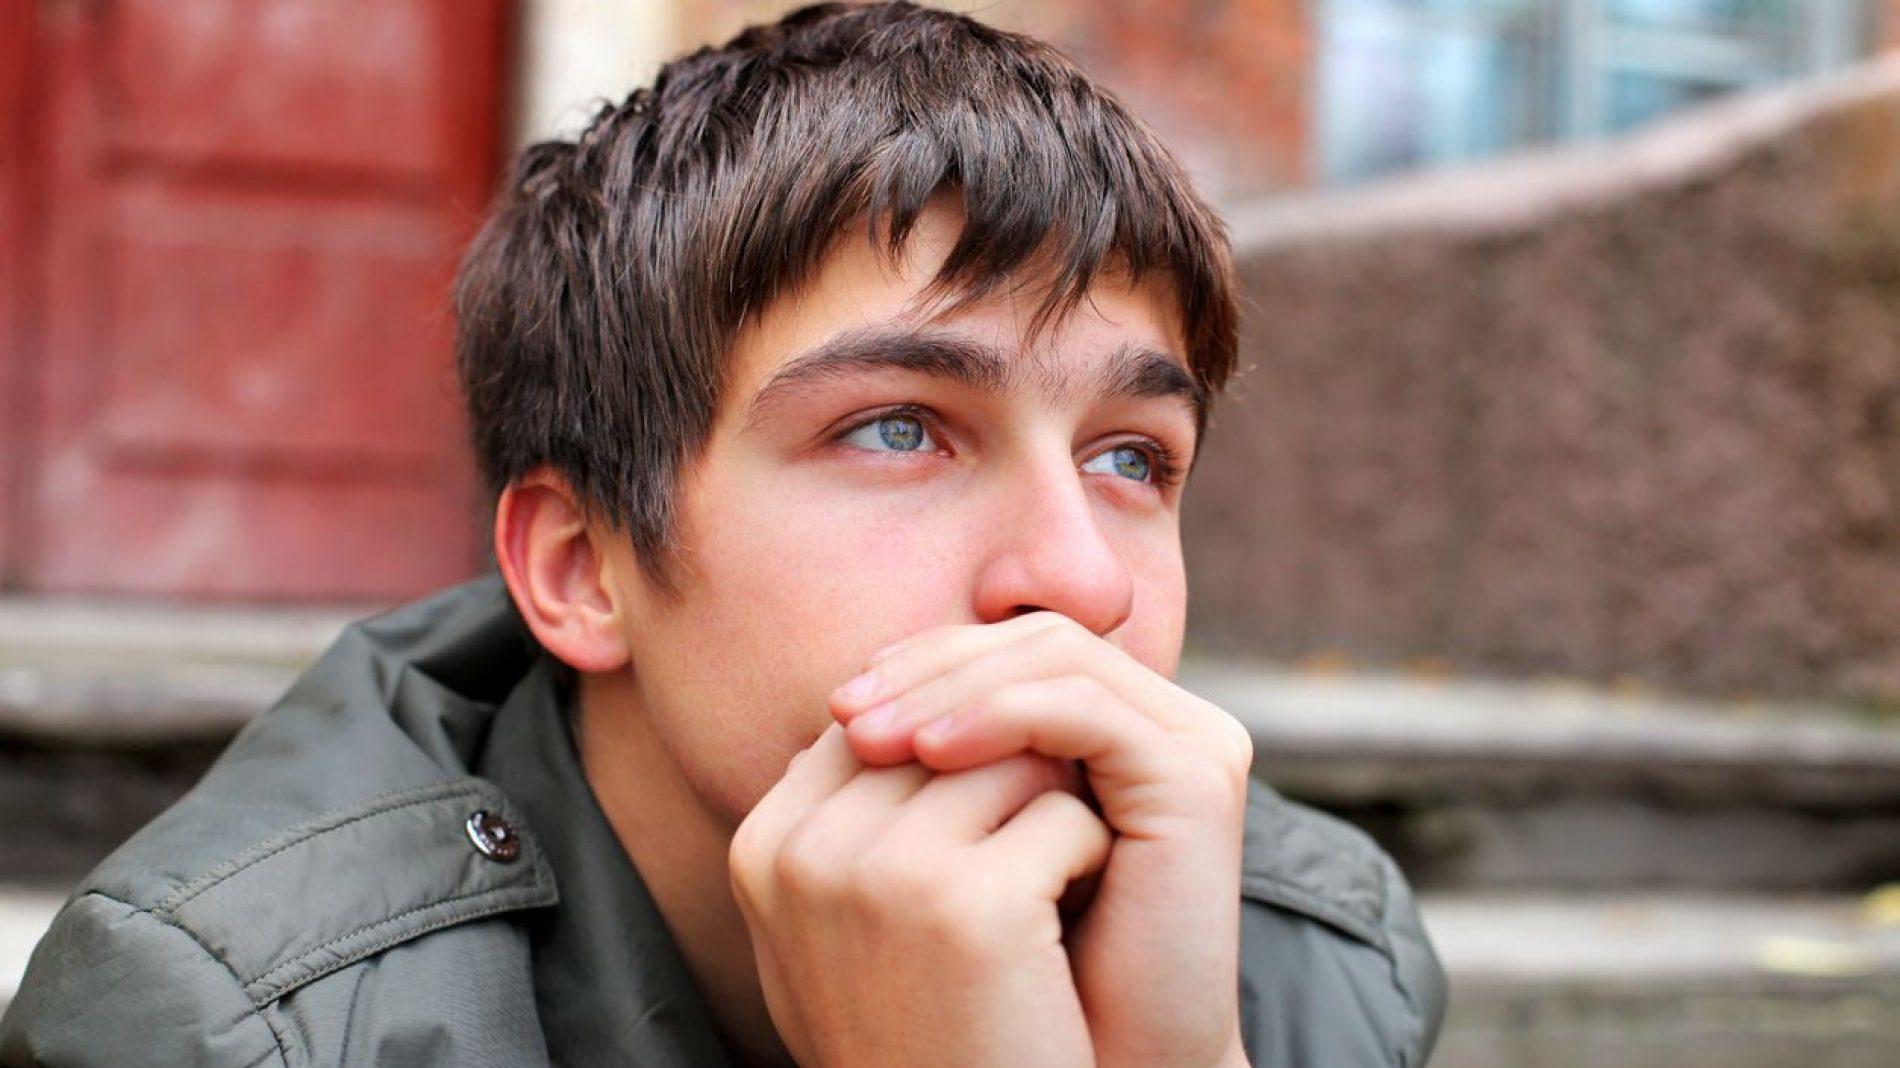 sad-teenager